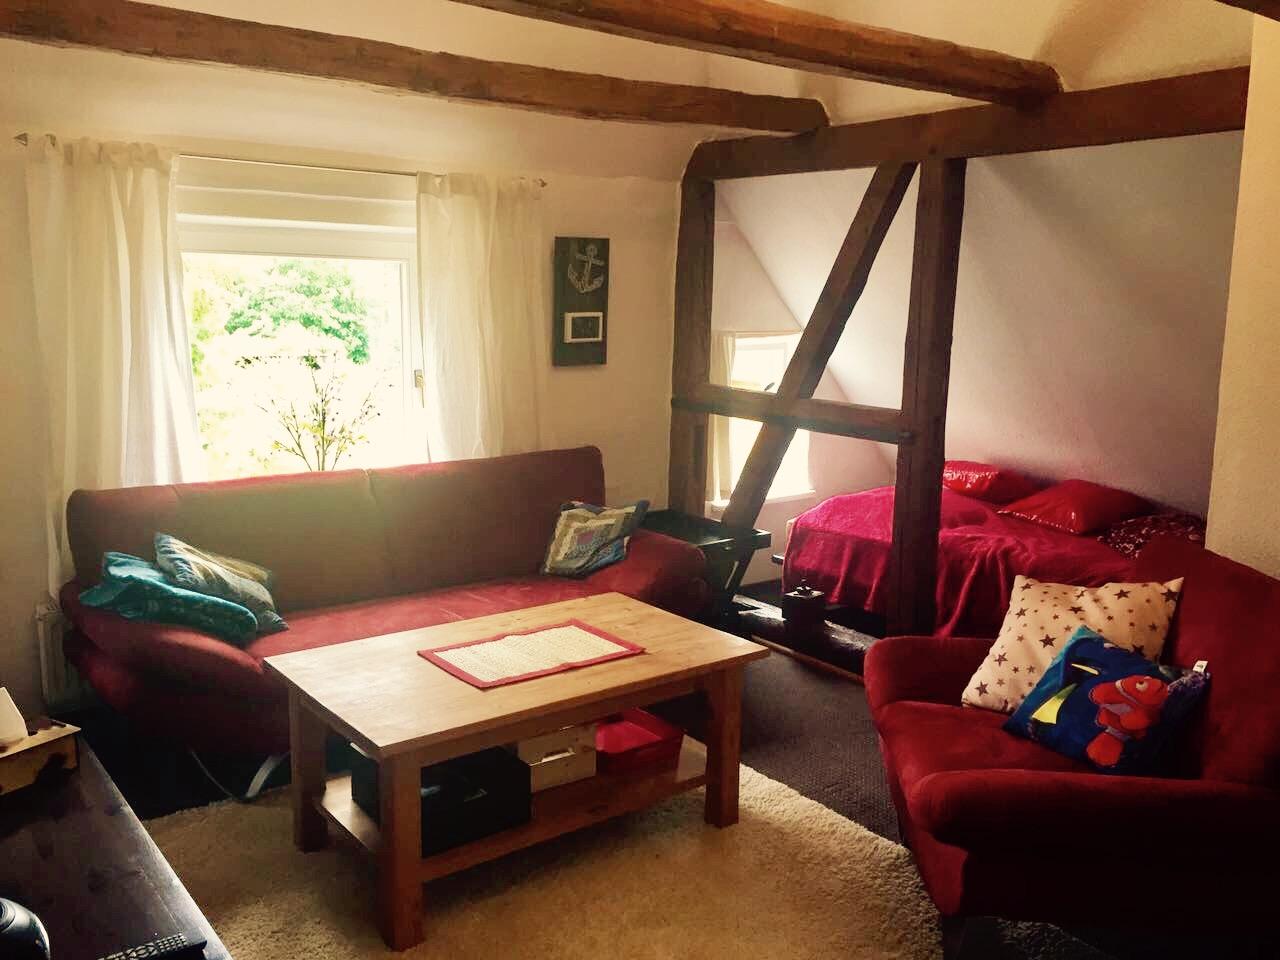 Wohnzimmer mit separater Sitzecke